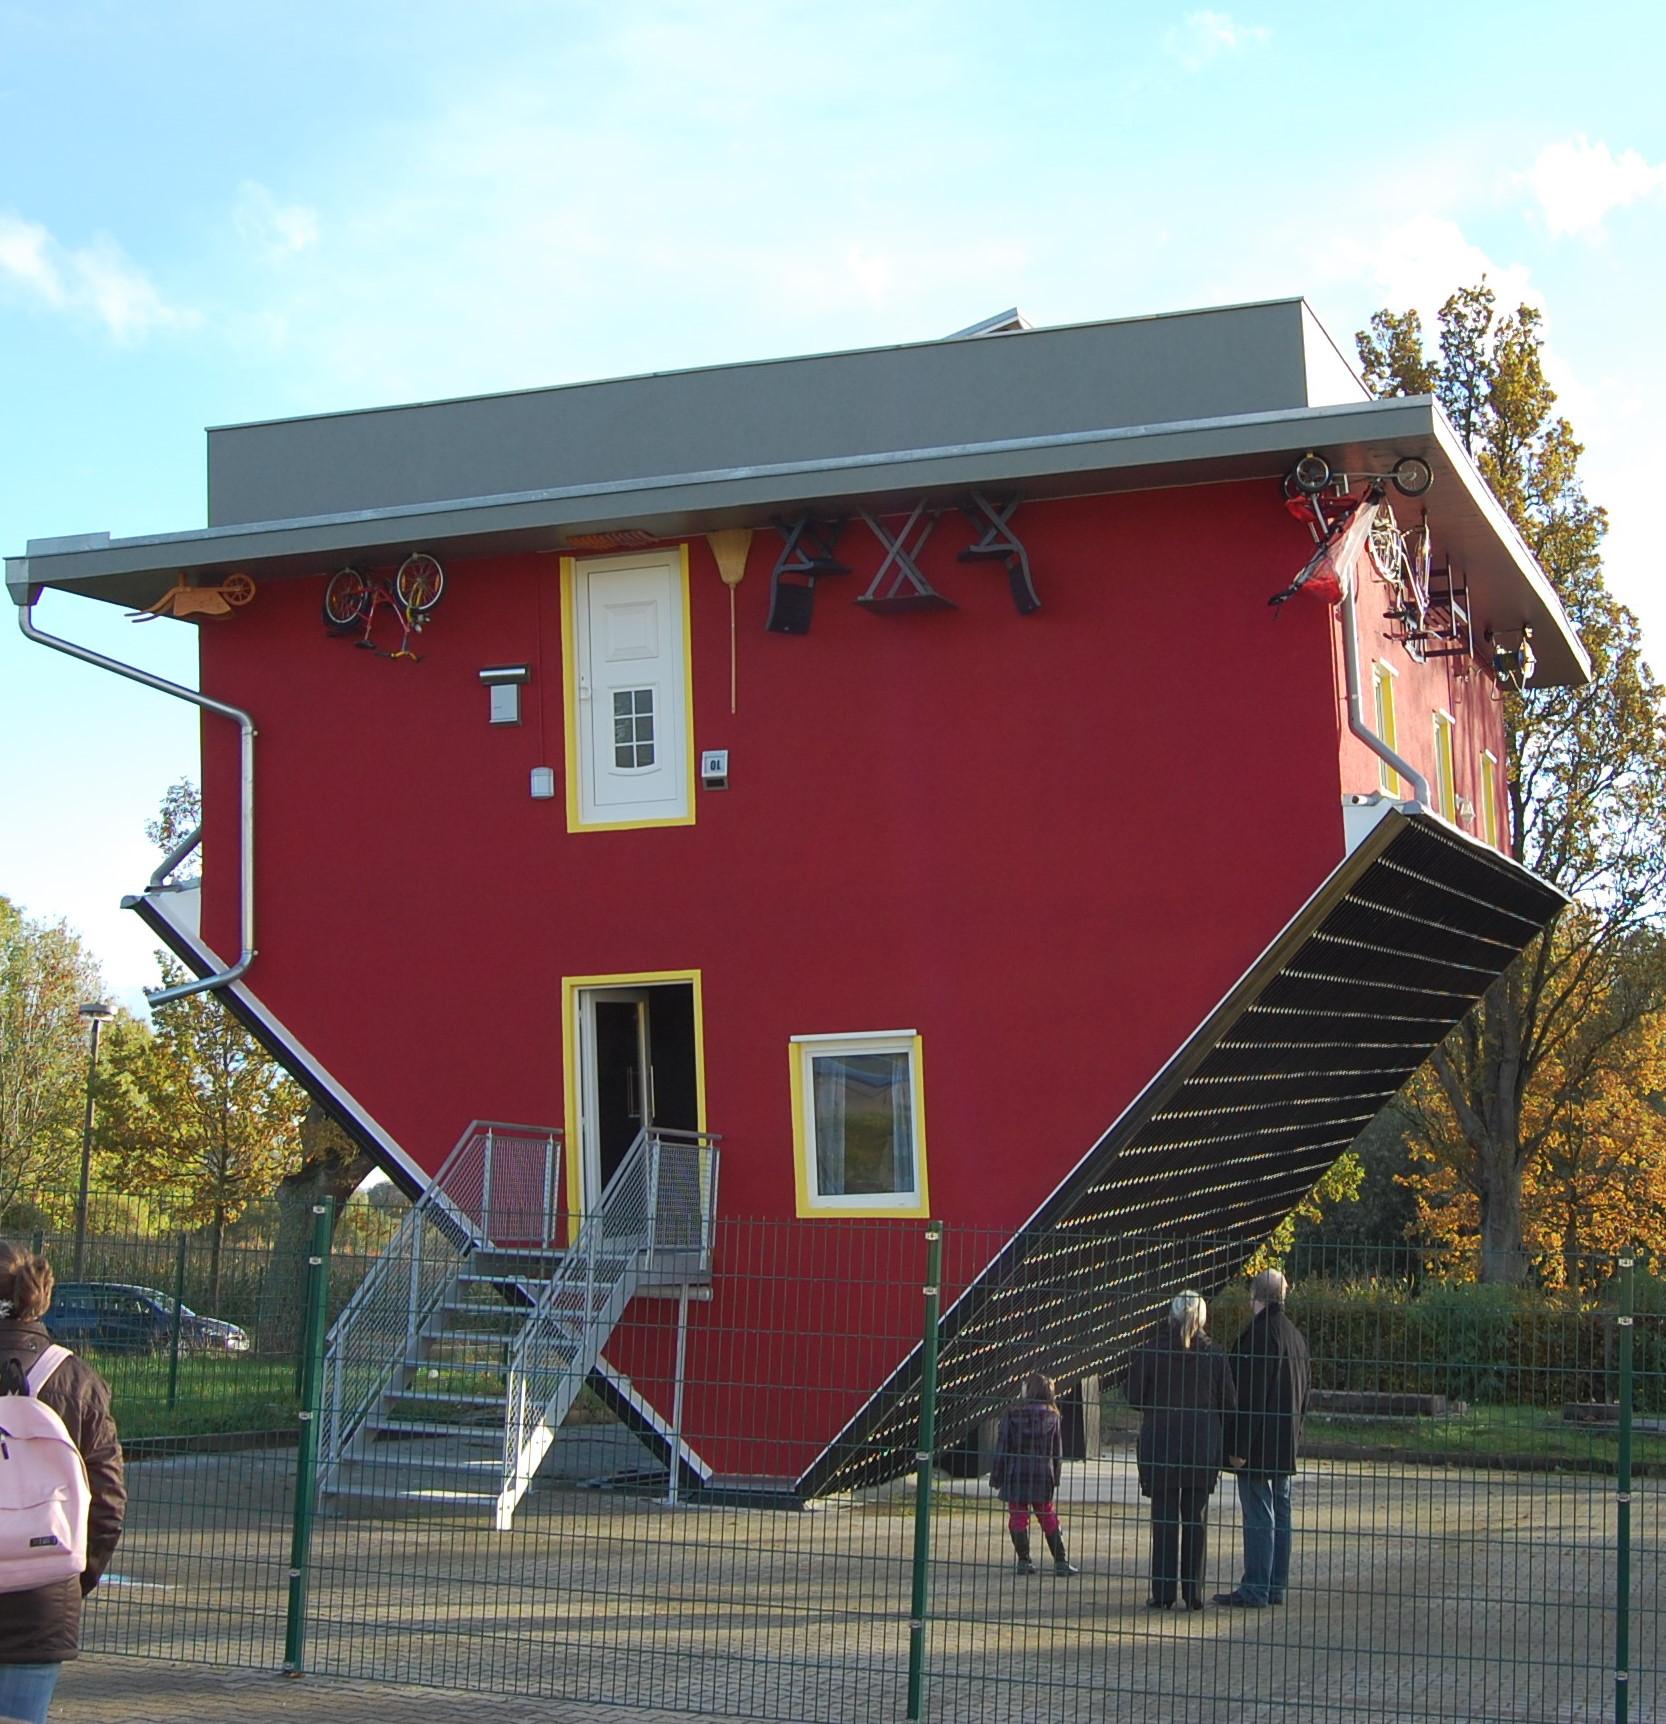 Haus zeichnung  Haus-Kopf-über – Wikipedia